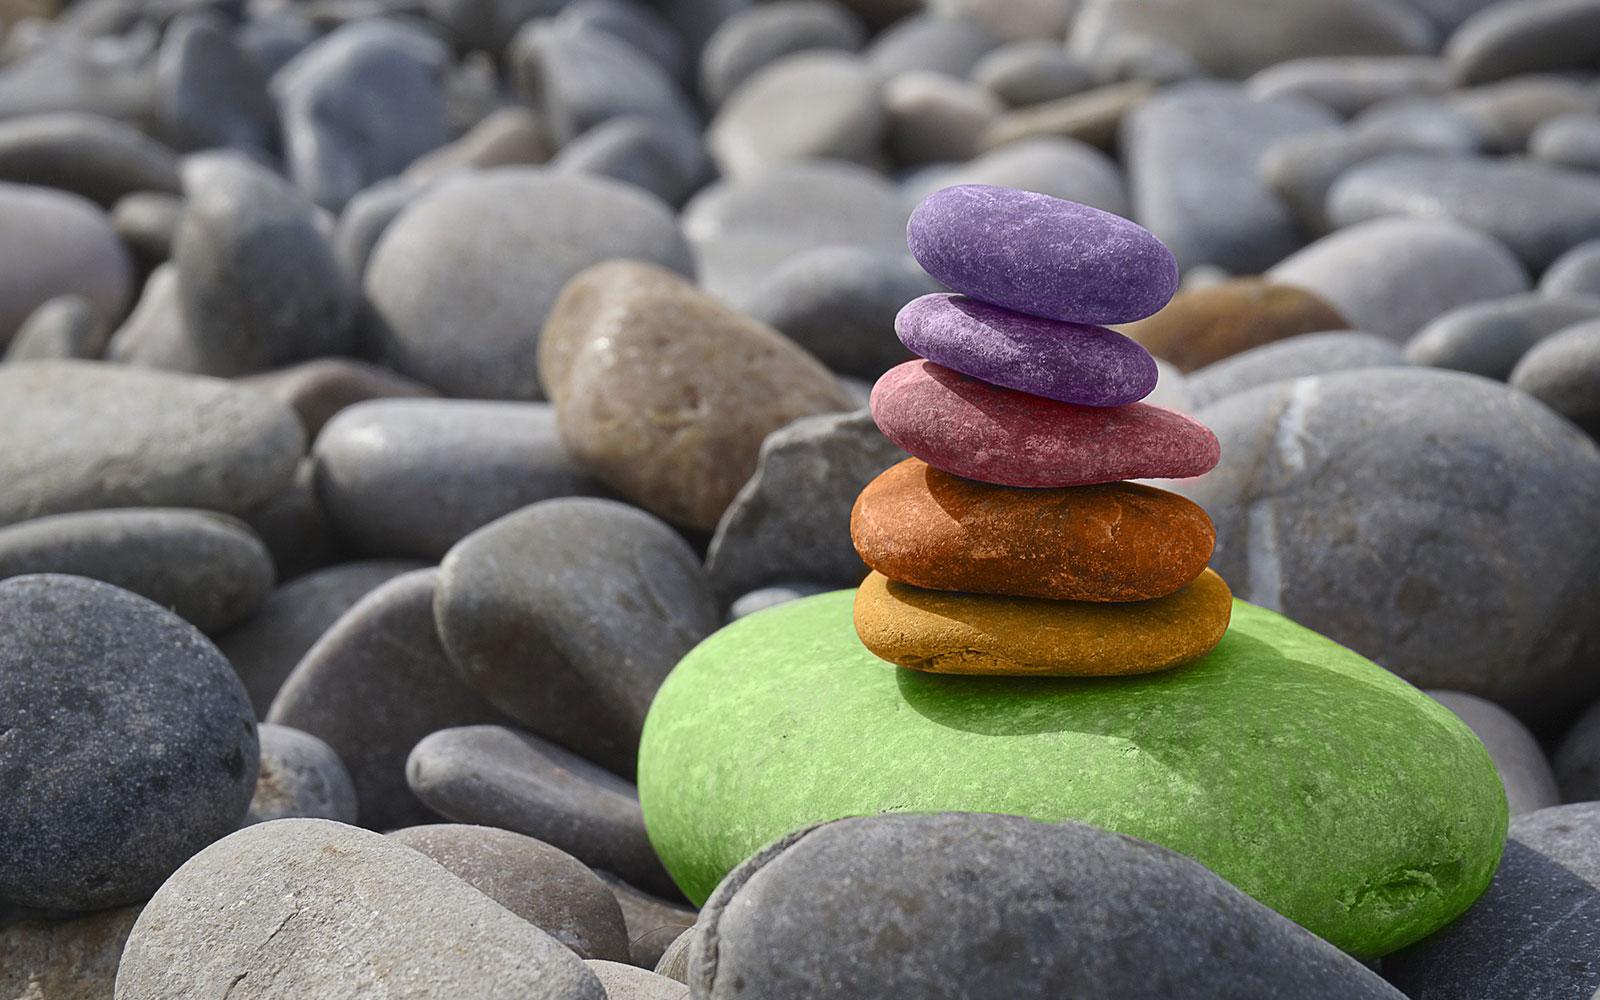 Das richtige Studium finden: Entdecke, was wirklich zu dir passt